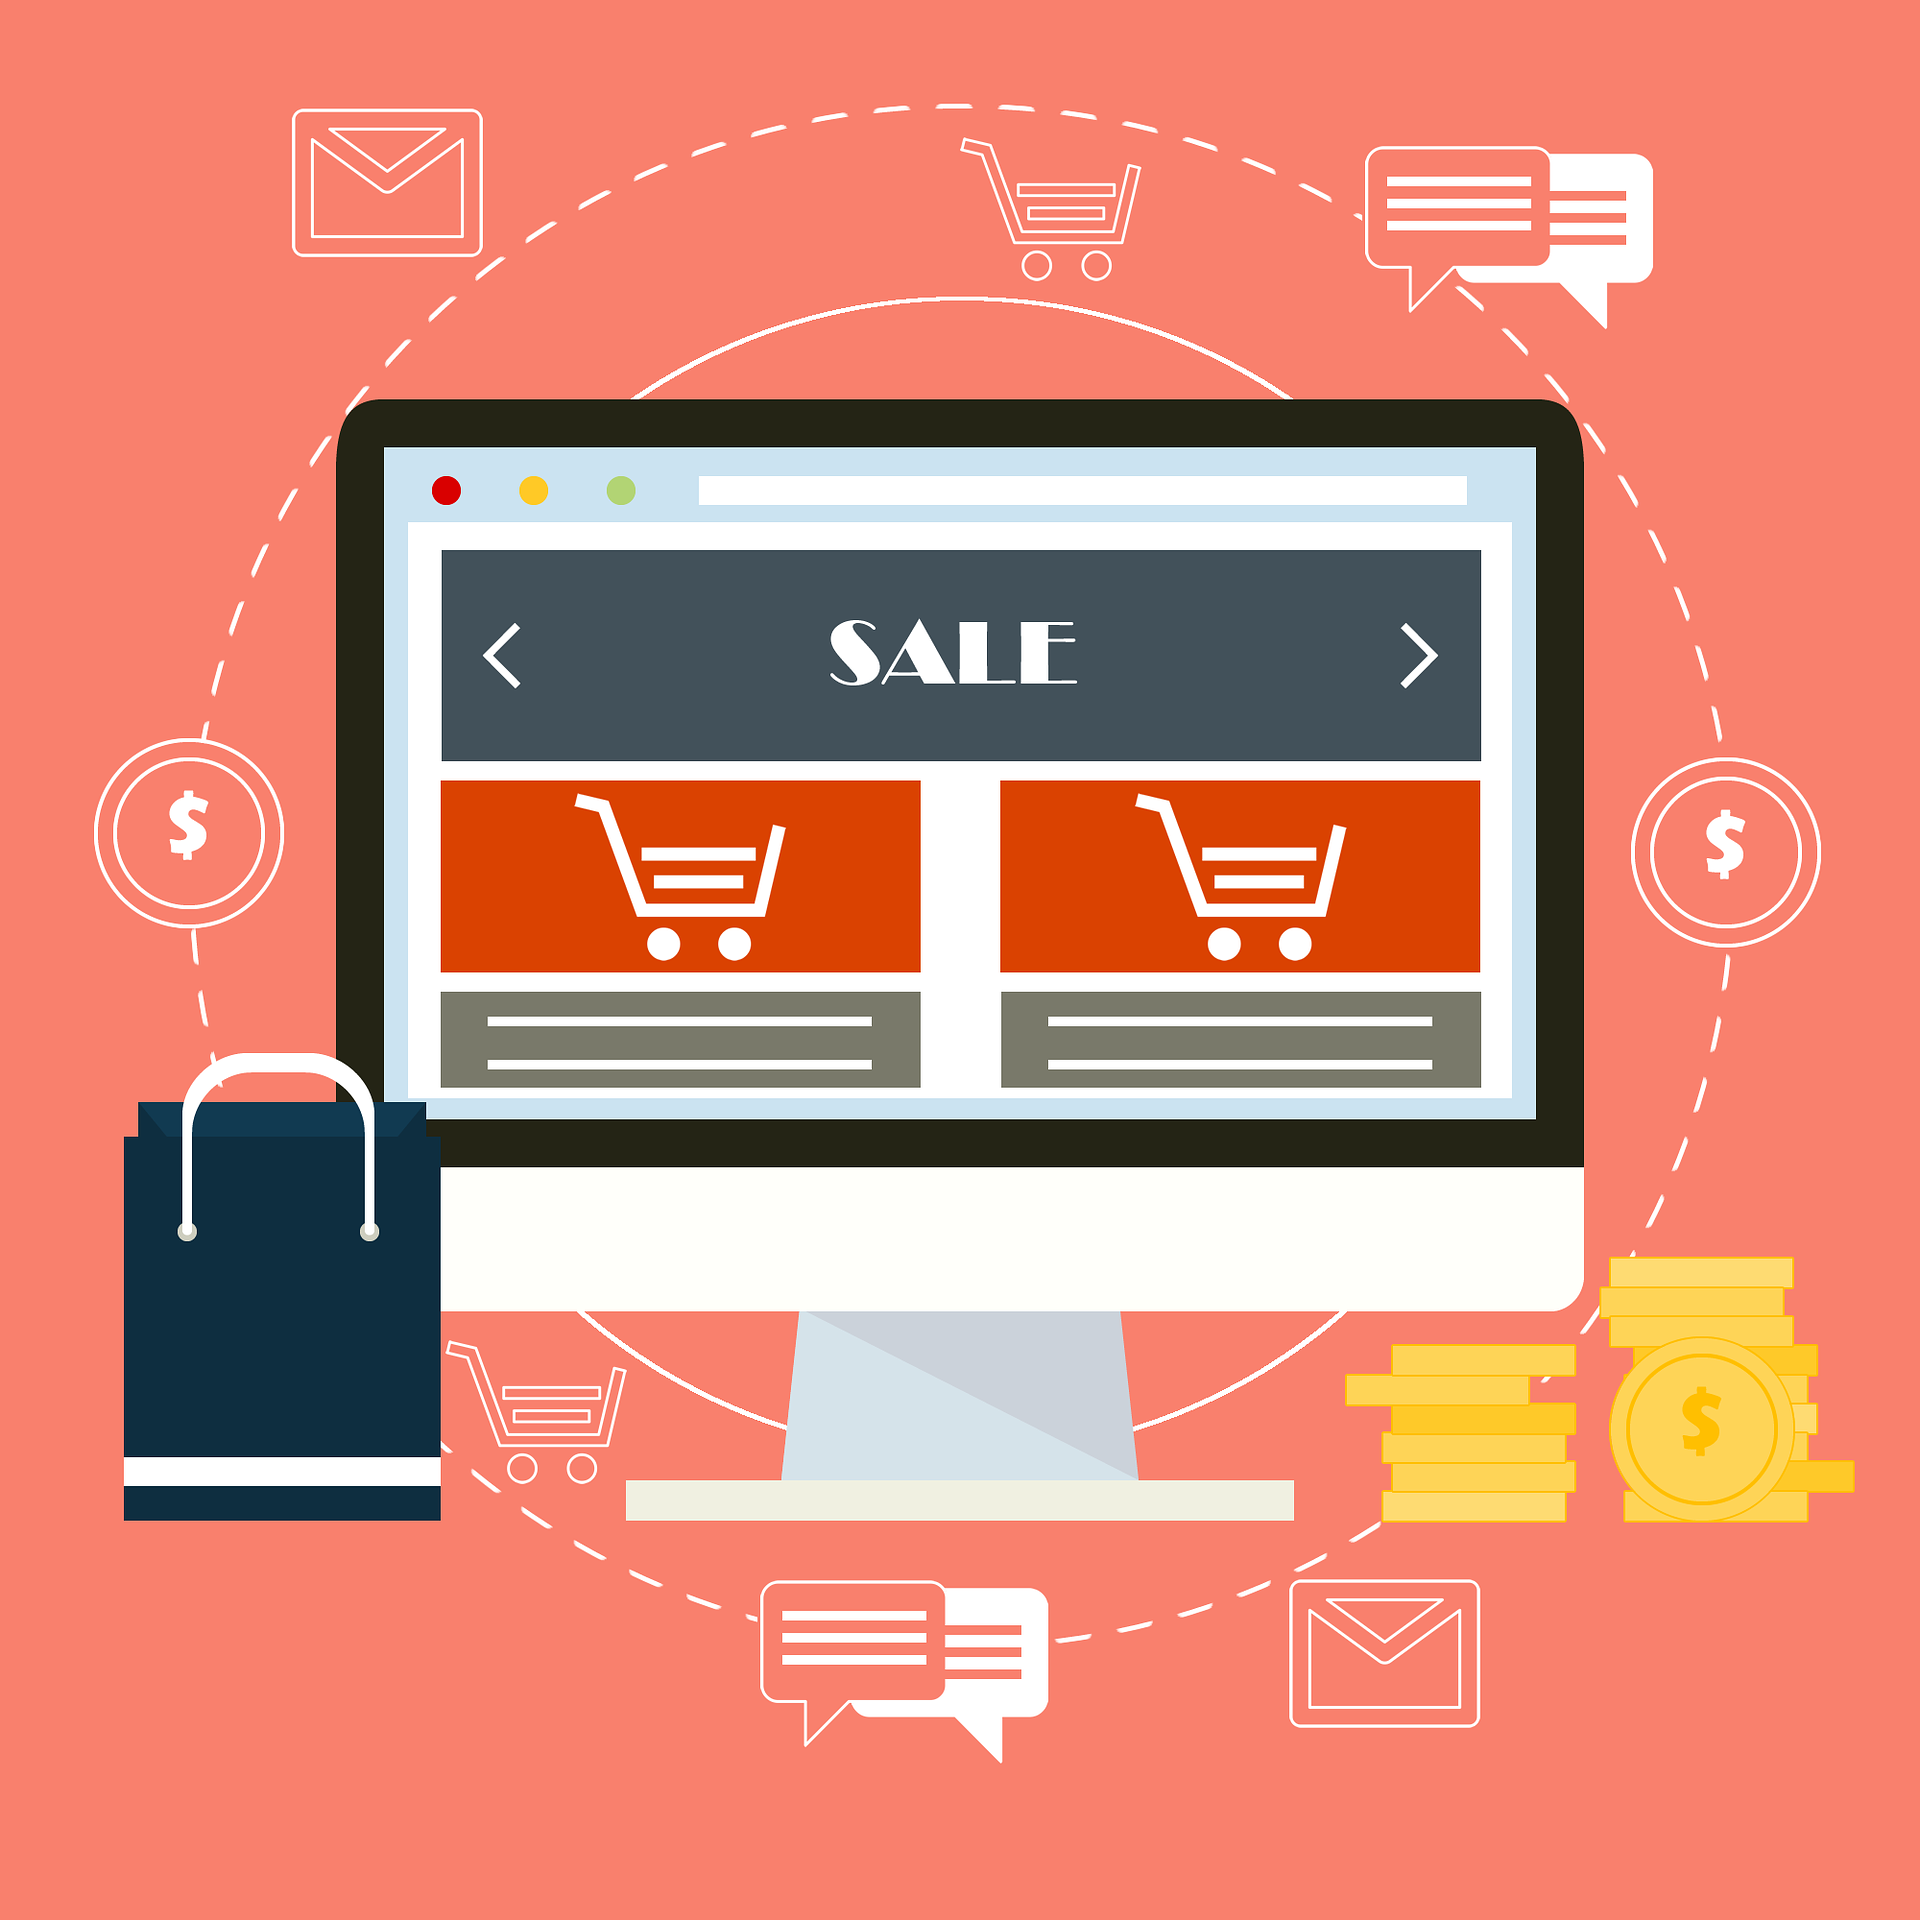 Illustration of an online shop